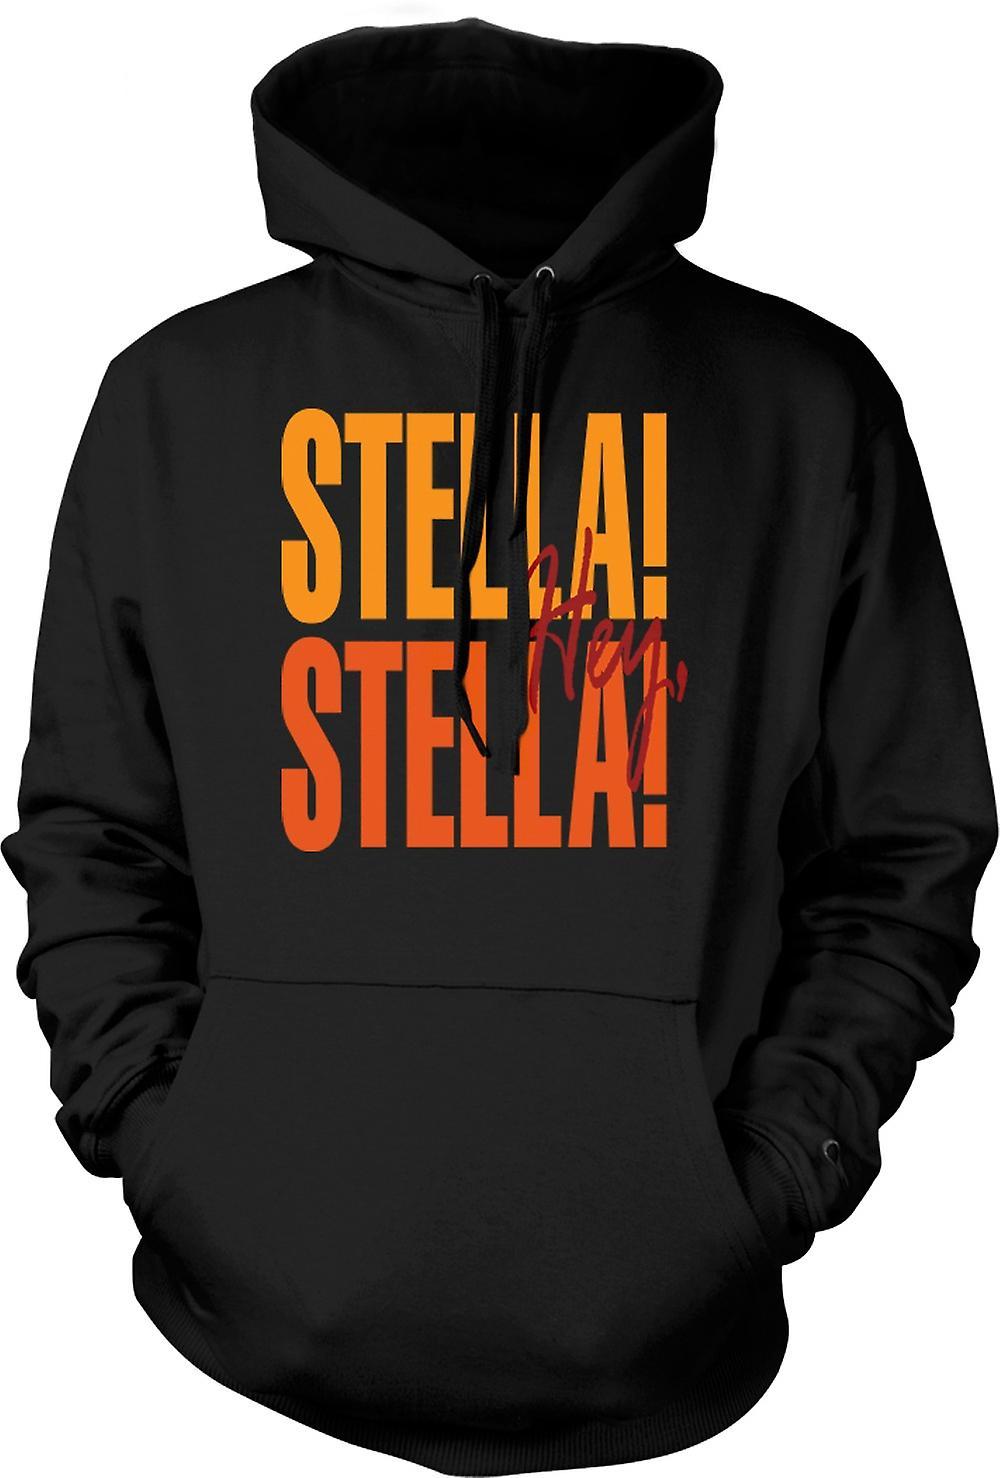 Mens Hoodie - Steetcar Named Desire Stella - Funny